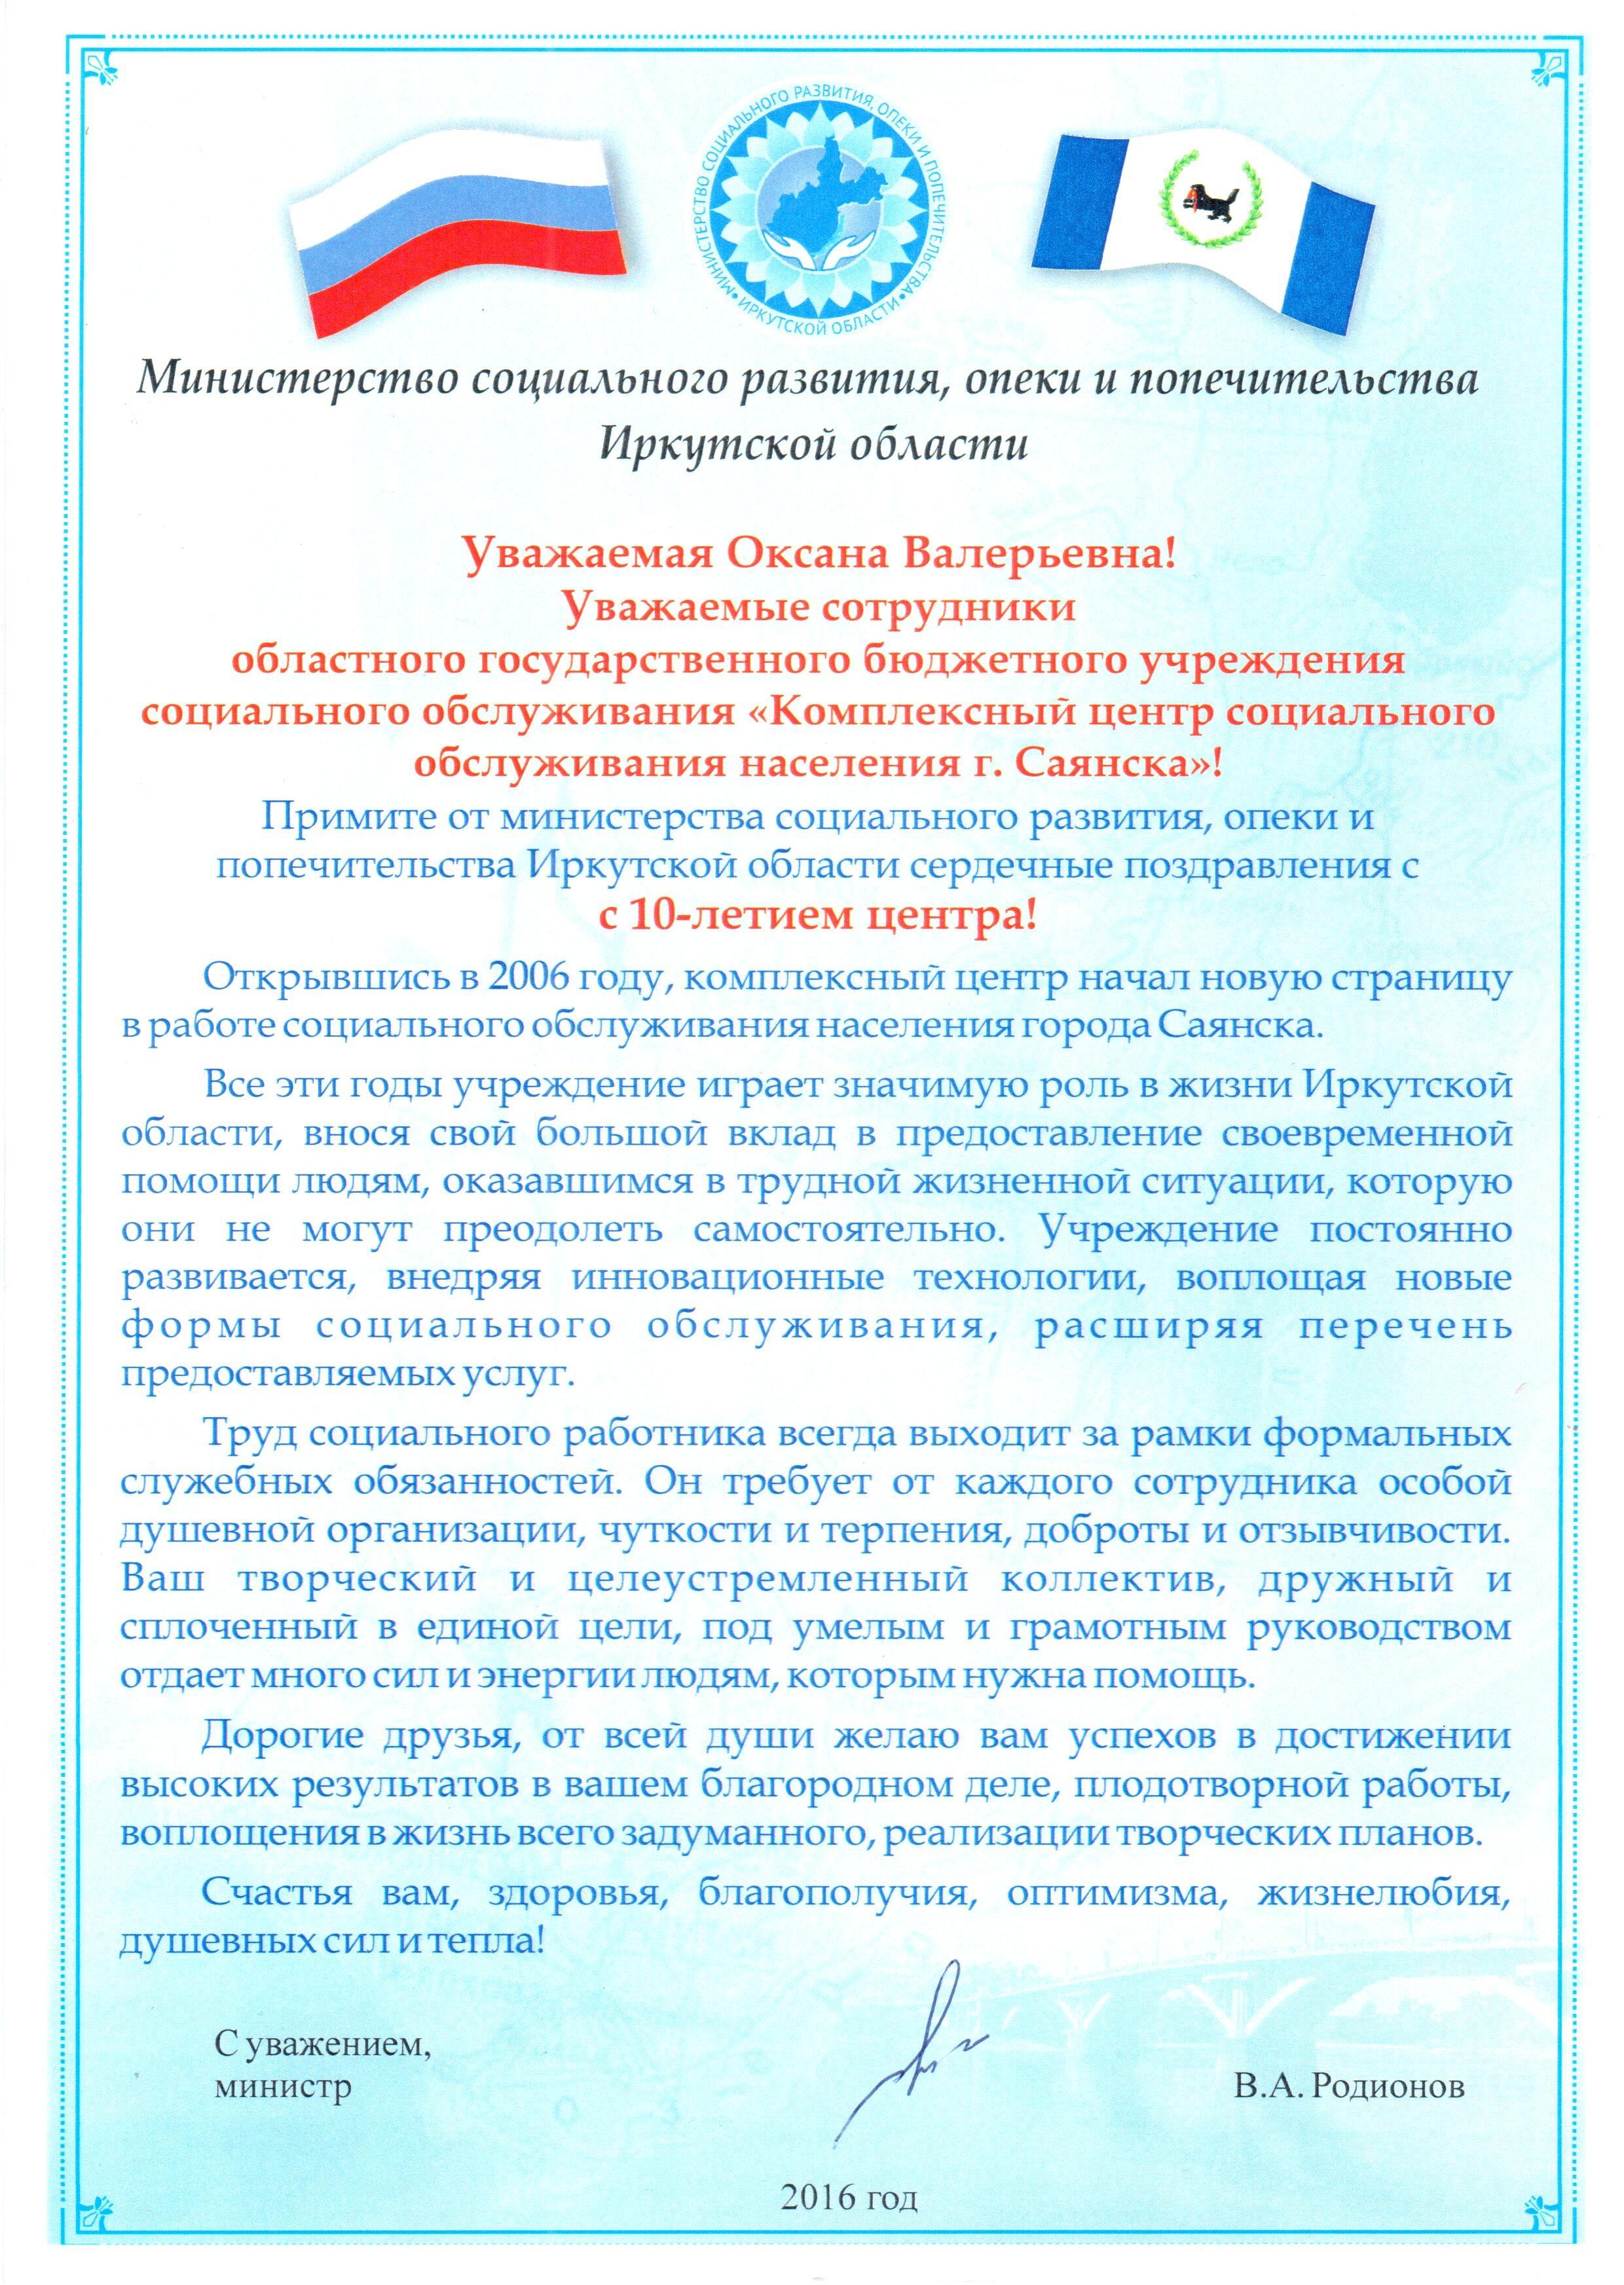 Поздравления с ЮБИЛЕЕМ Нижегородский институт 20